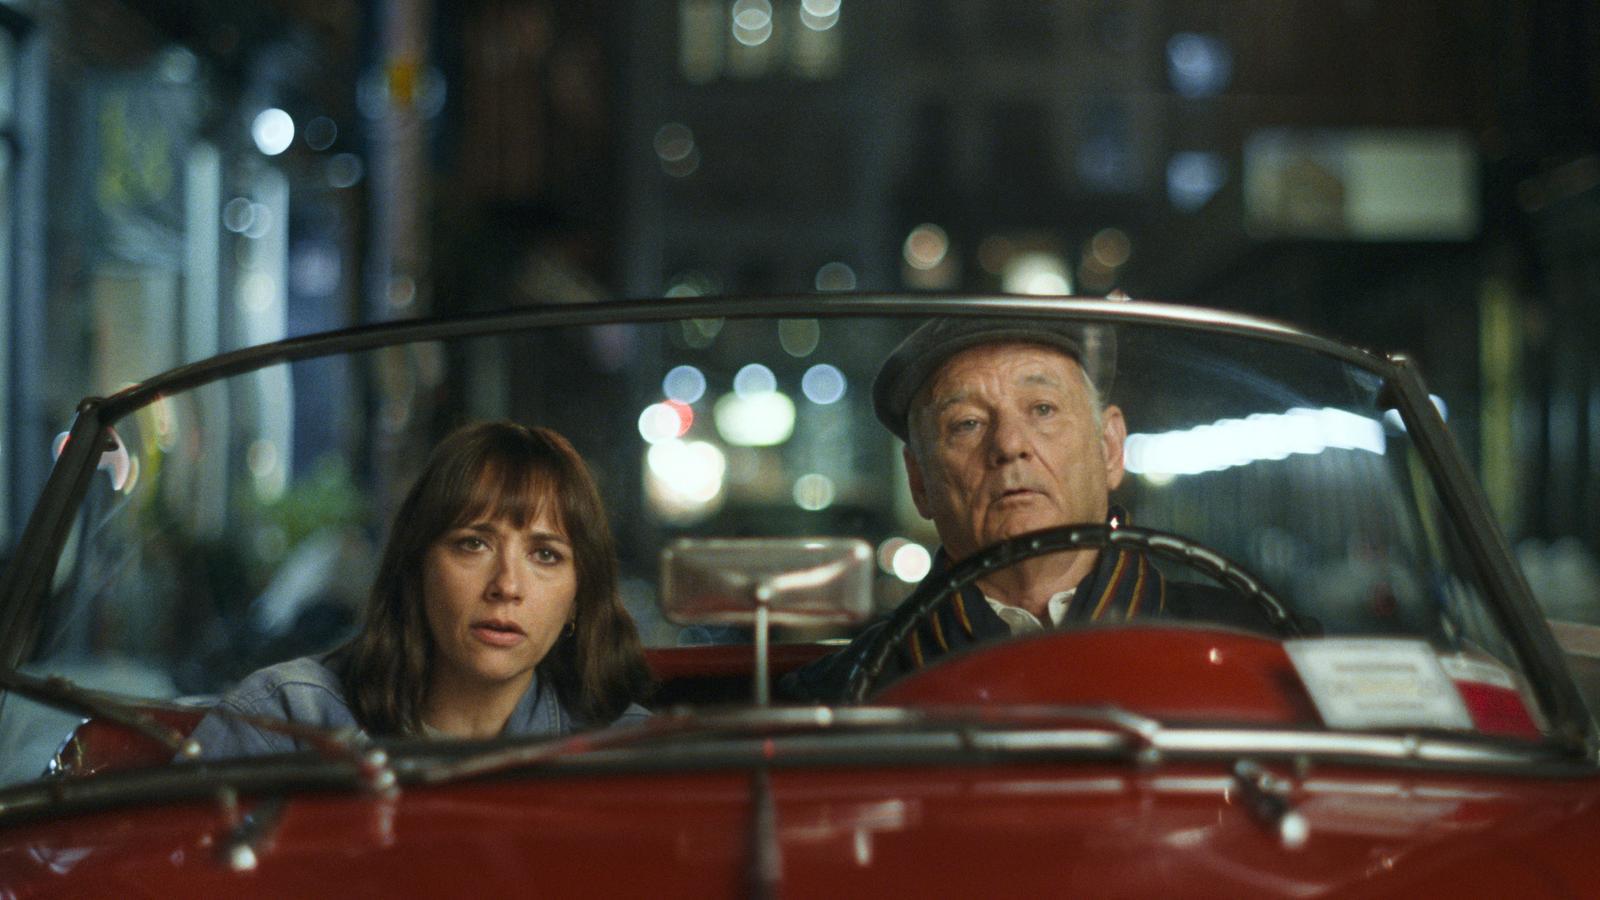 'On the rocks': Bill Murray i Sofia Coppola atrapats en el temps